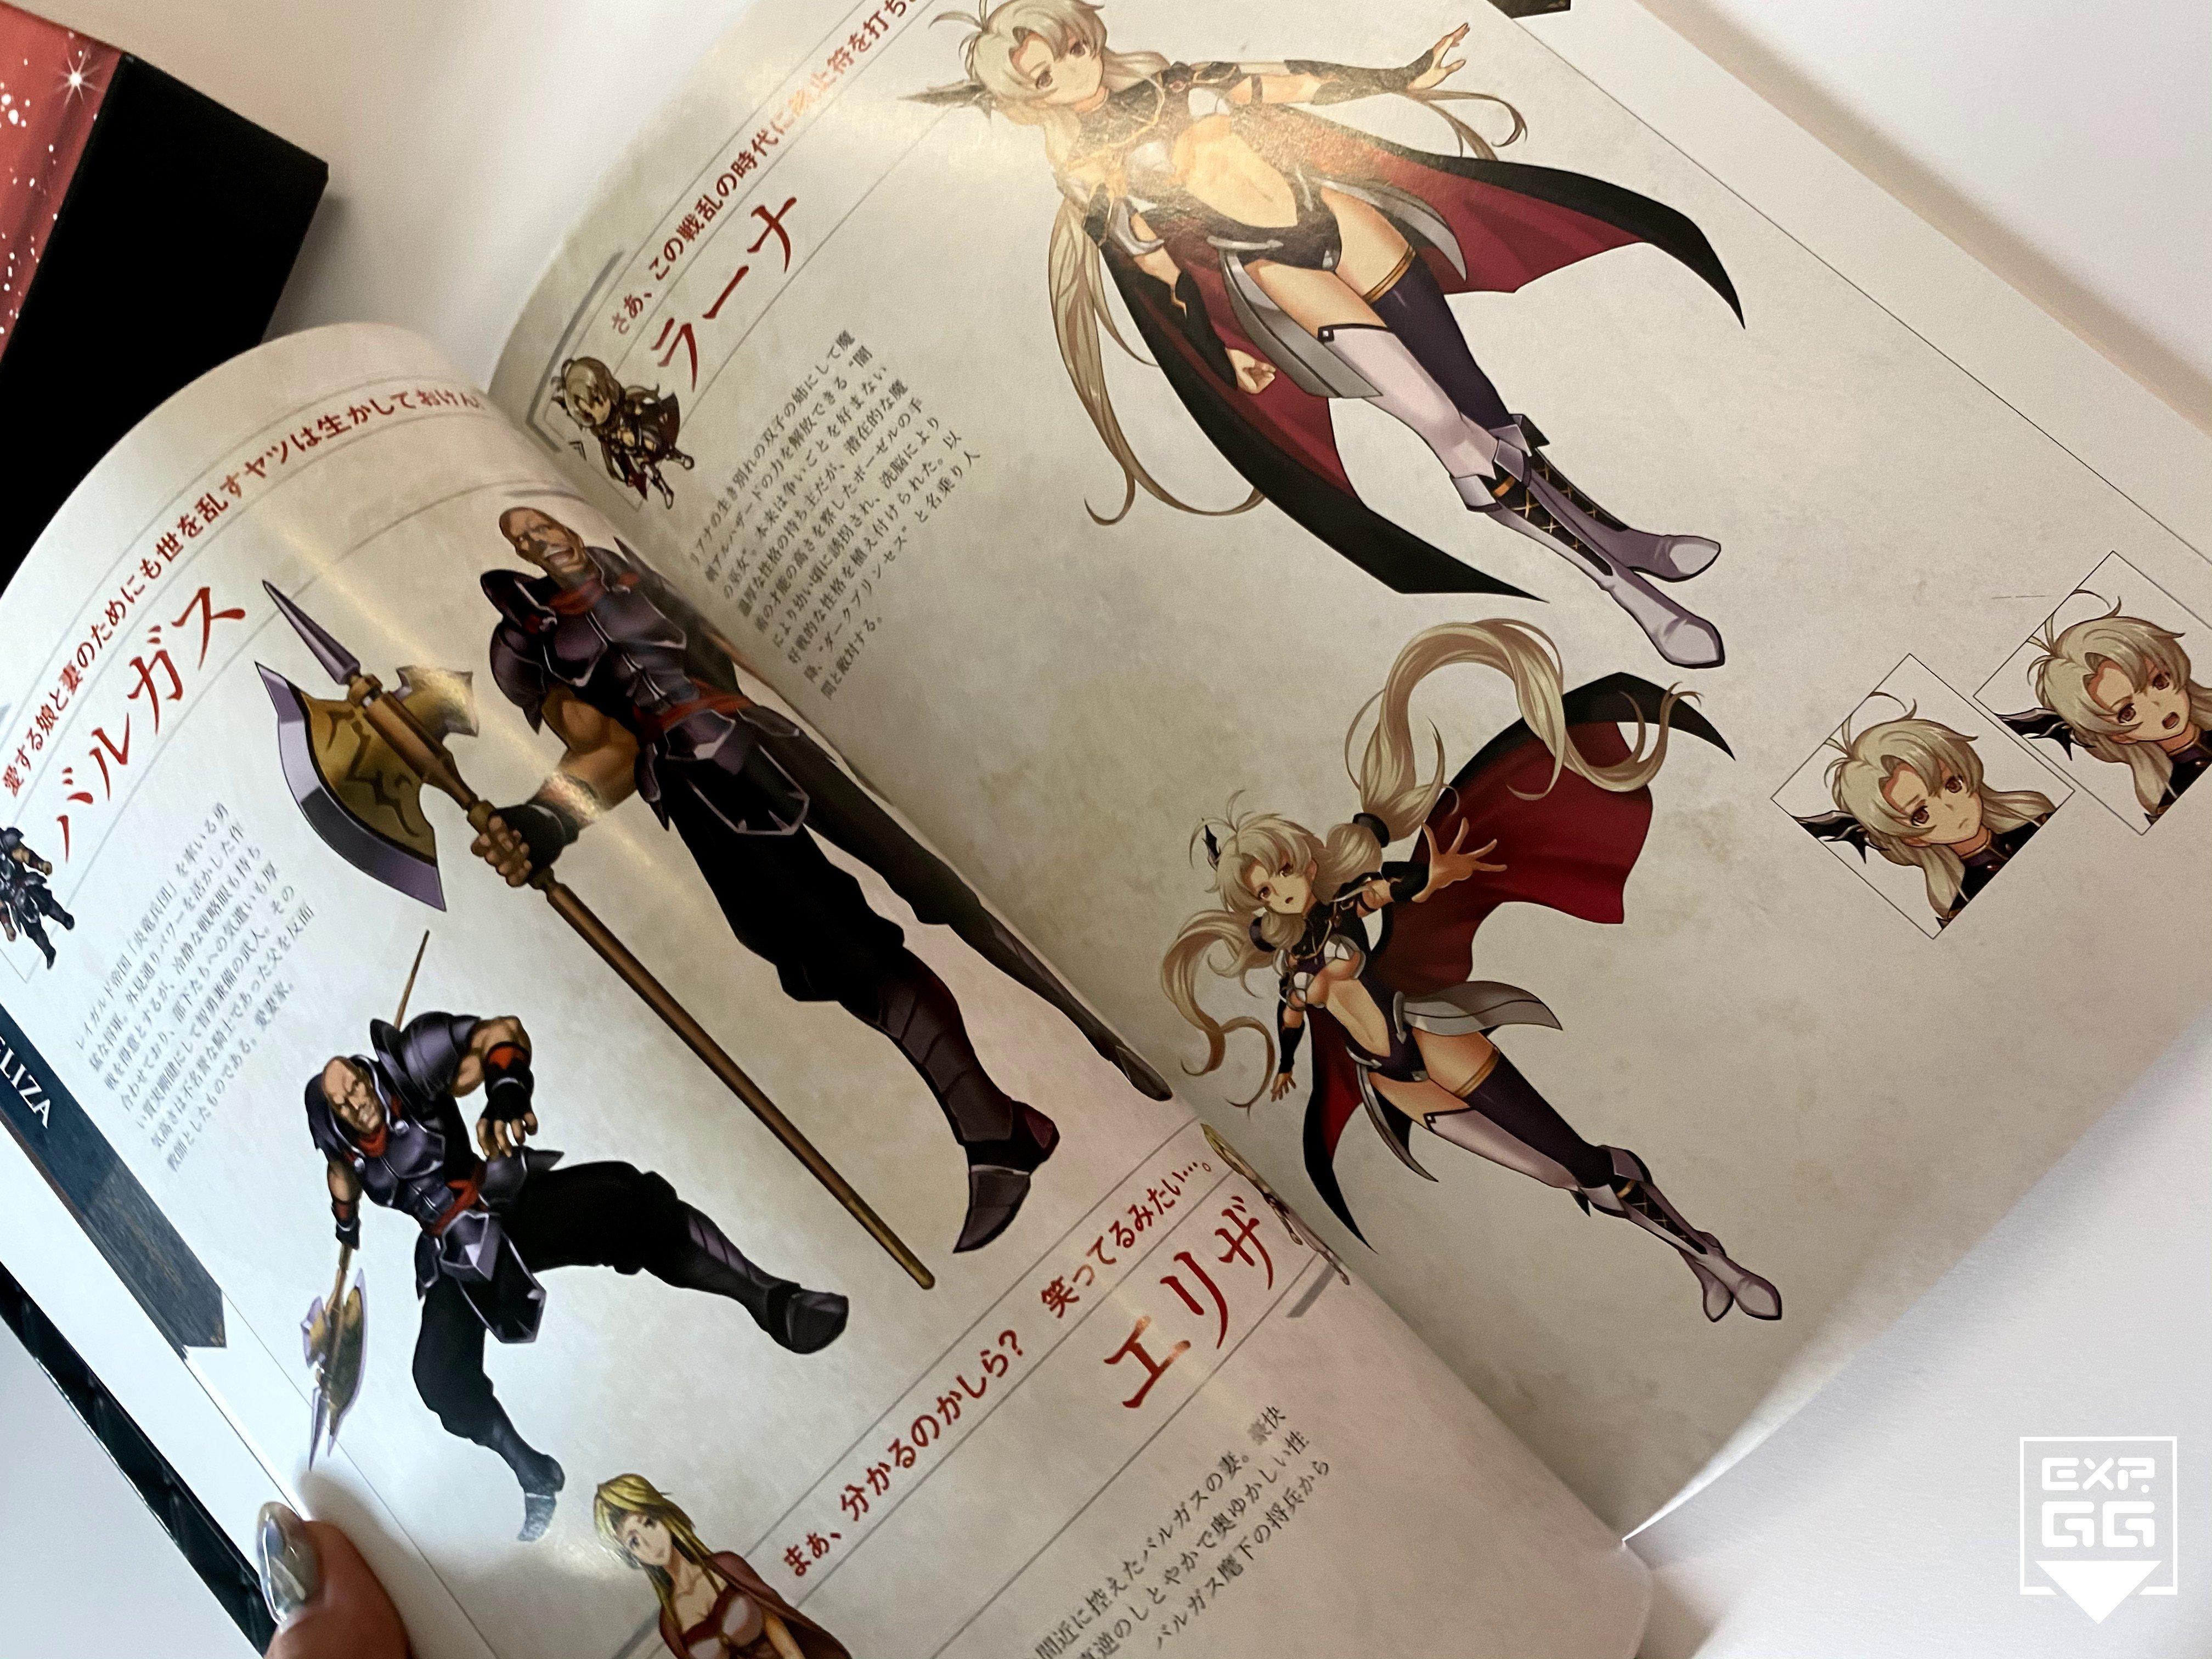 【小編開箱】《夢幻模擬戰 I & II》中文限定版 / 傑仕登股份有限公司